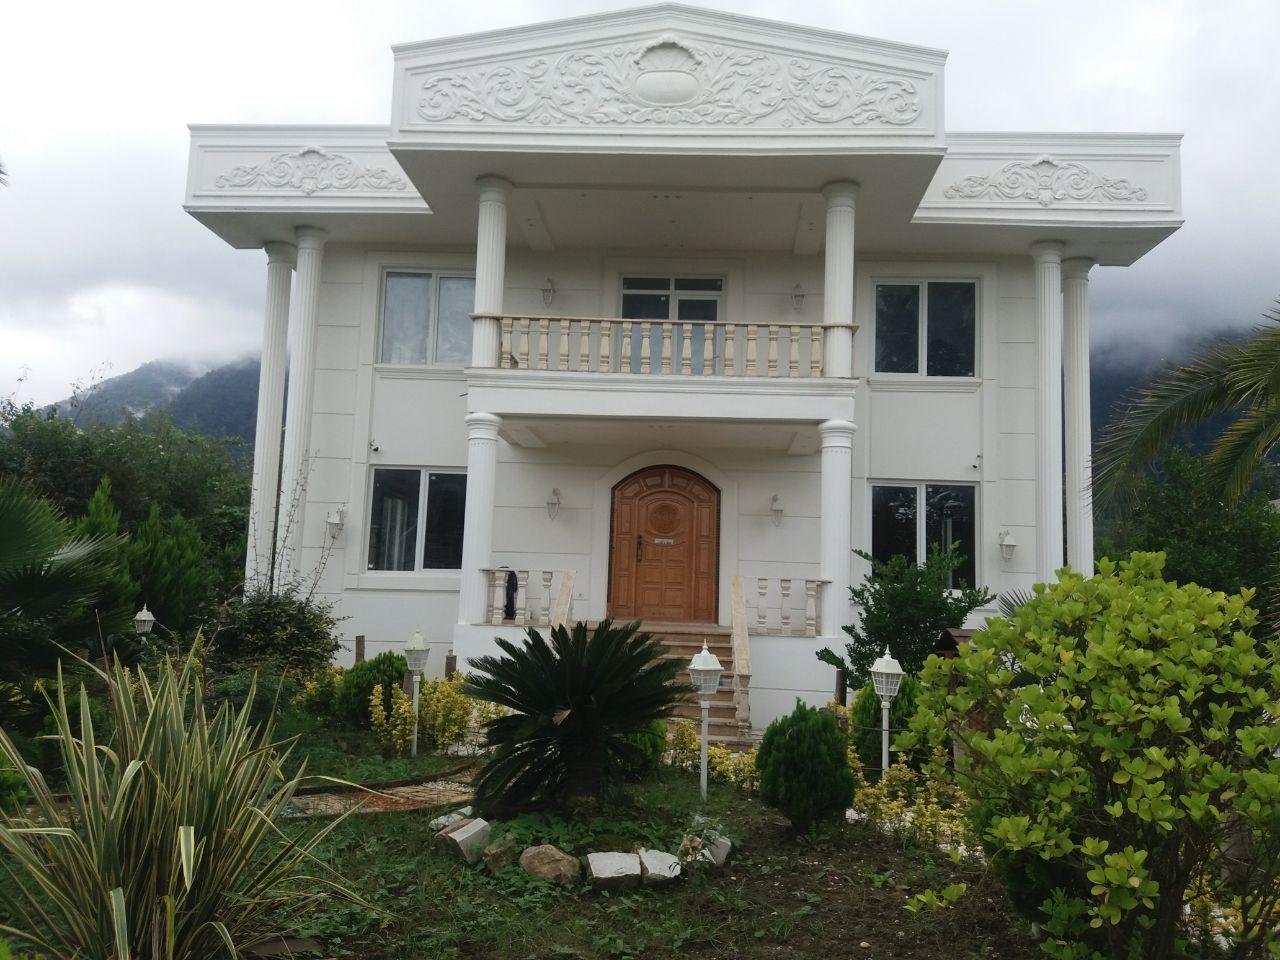 فروش ویلا 300 متری در علی آباد عسگرخان نوشهر